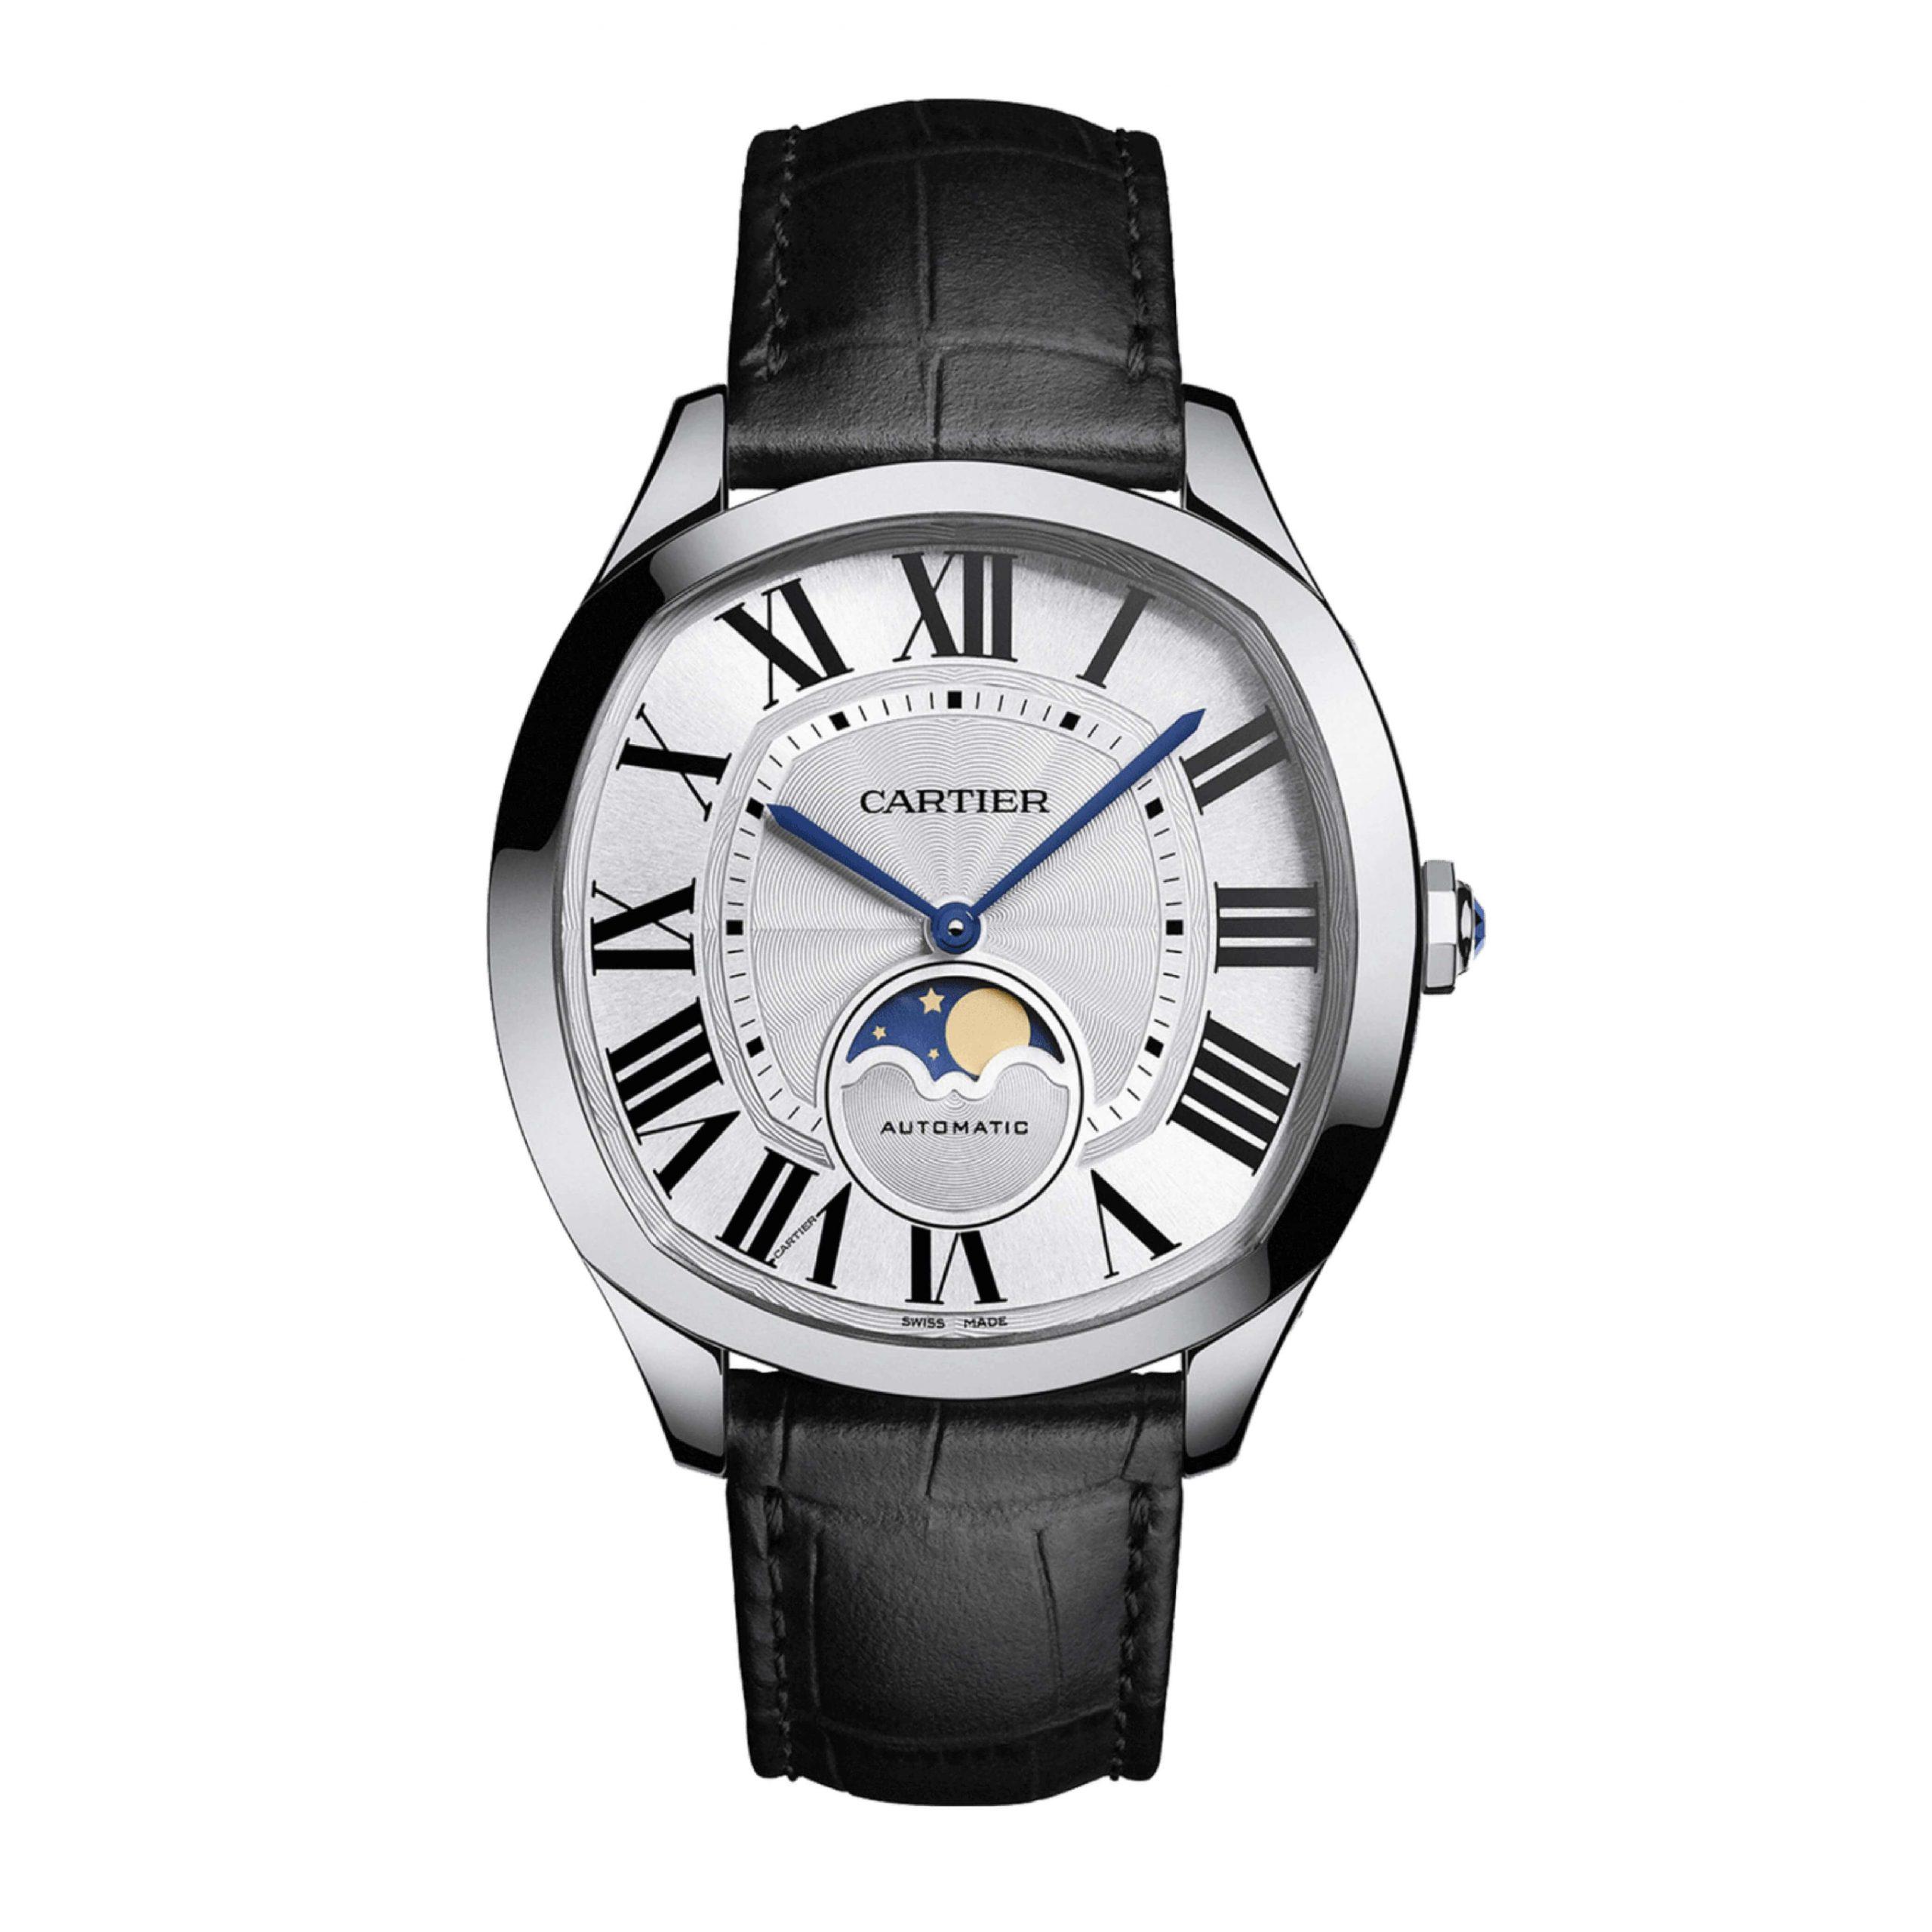 Drive de Cartier Moonphase | Wristwatches360